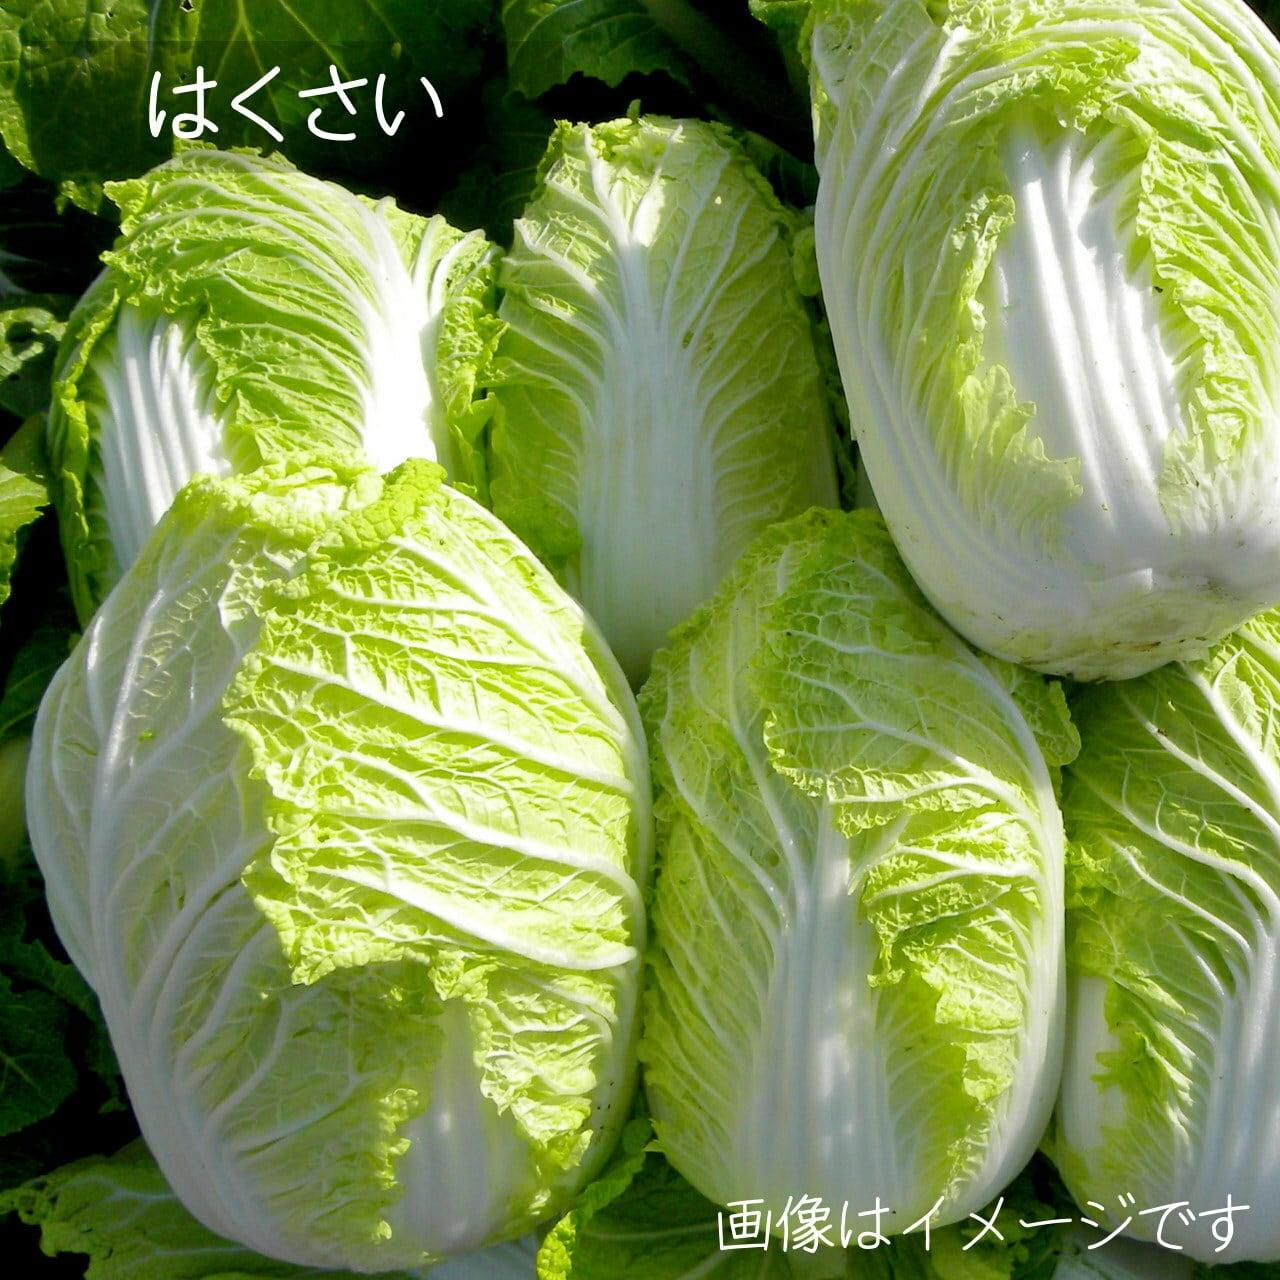 新鮮な冬野菜 : 白菜 1個 11月の朝採り直売野菜 11月21日発送予定